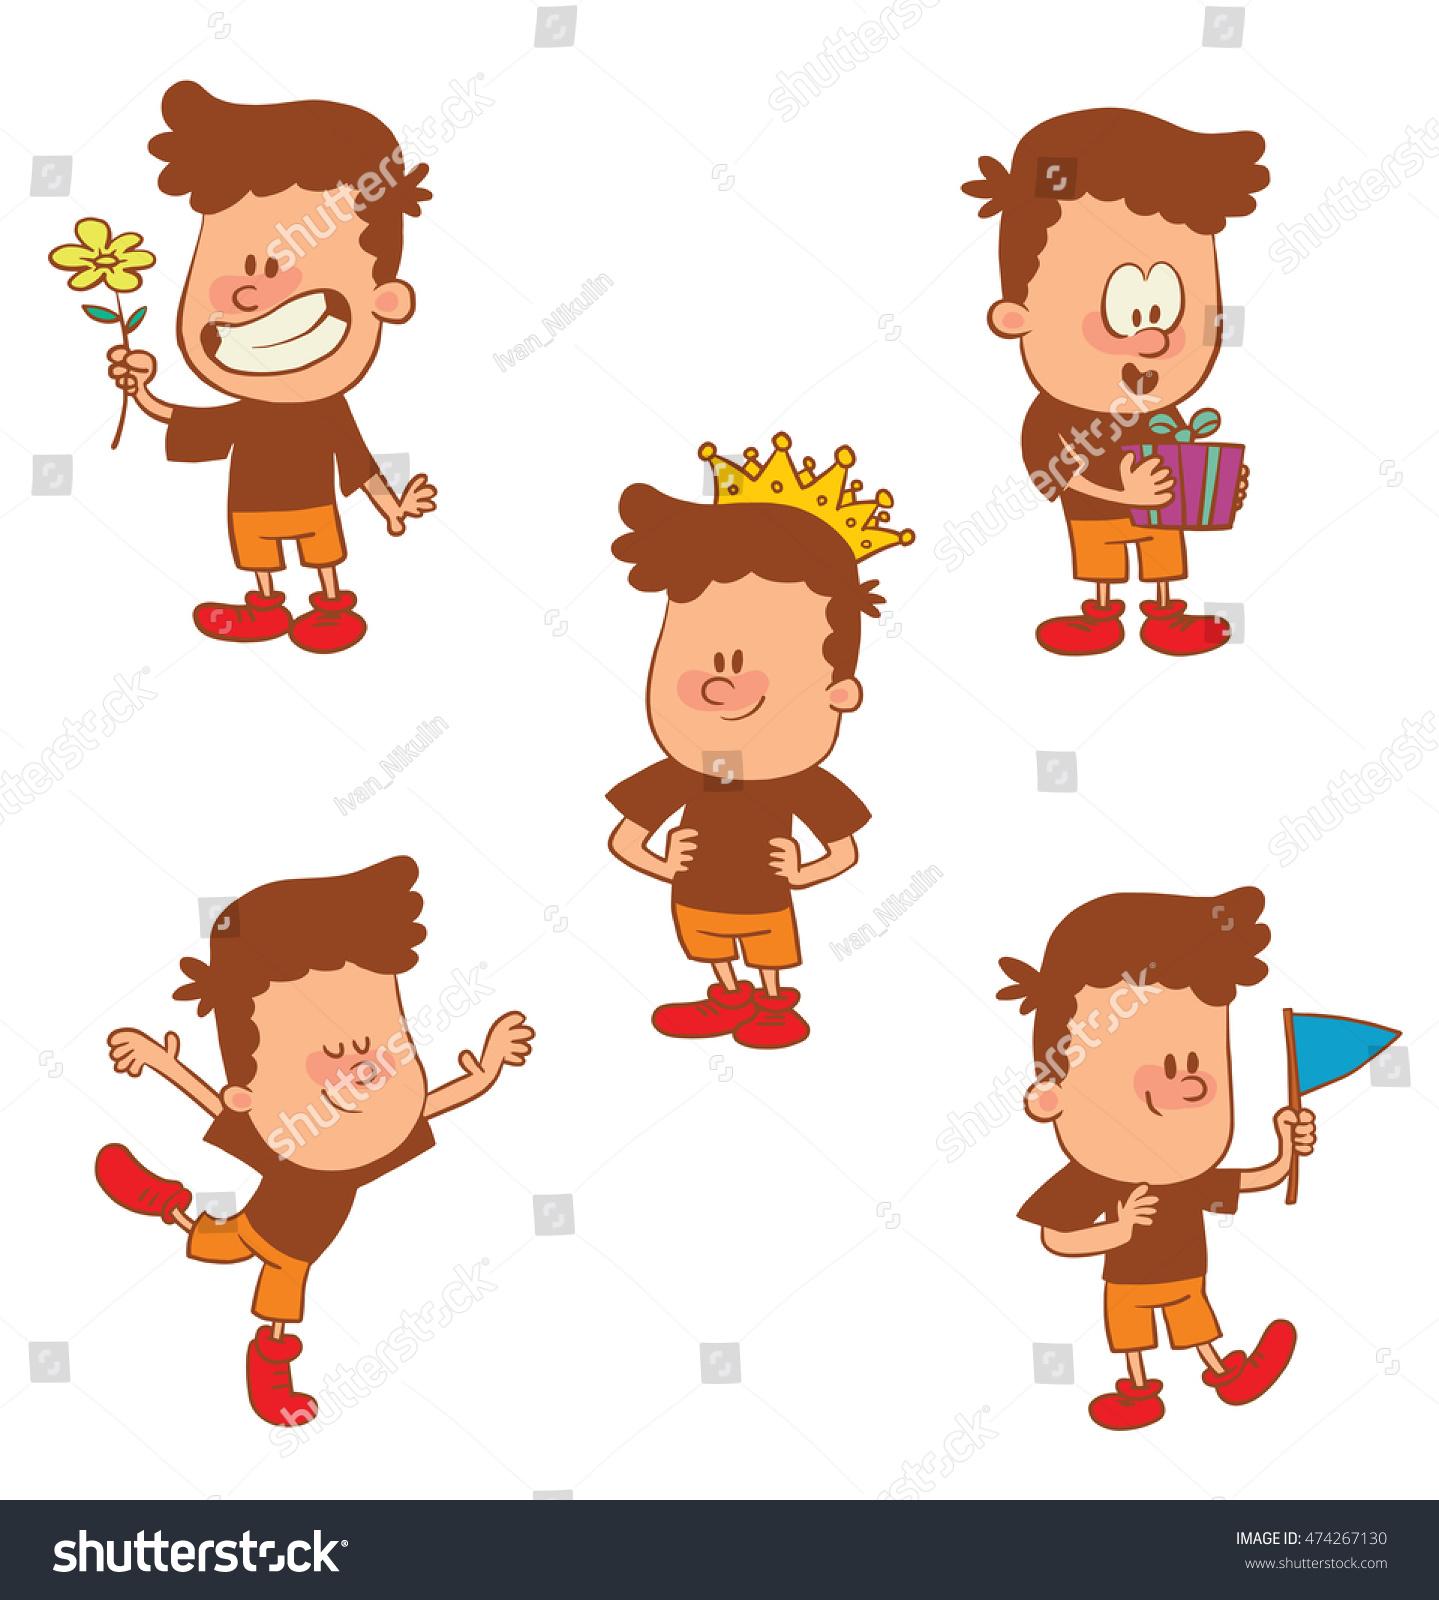 Vector Cartoon Set Of Cute Little Boys With A Crown On Head